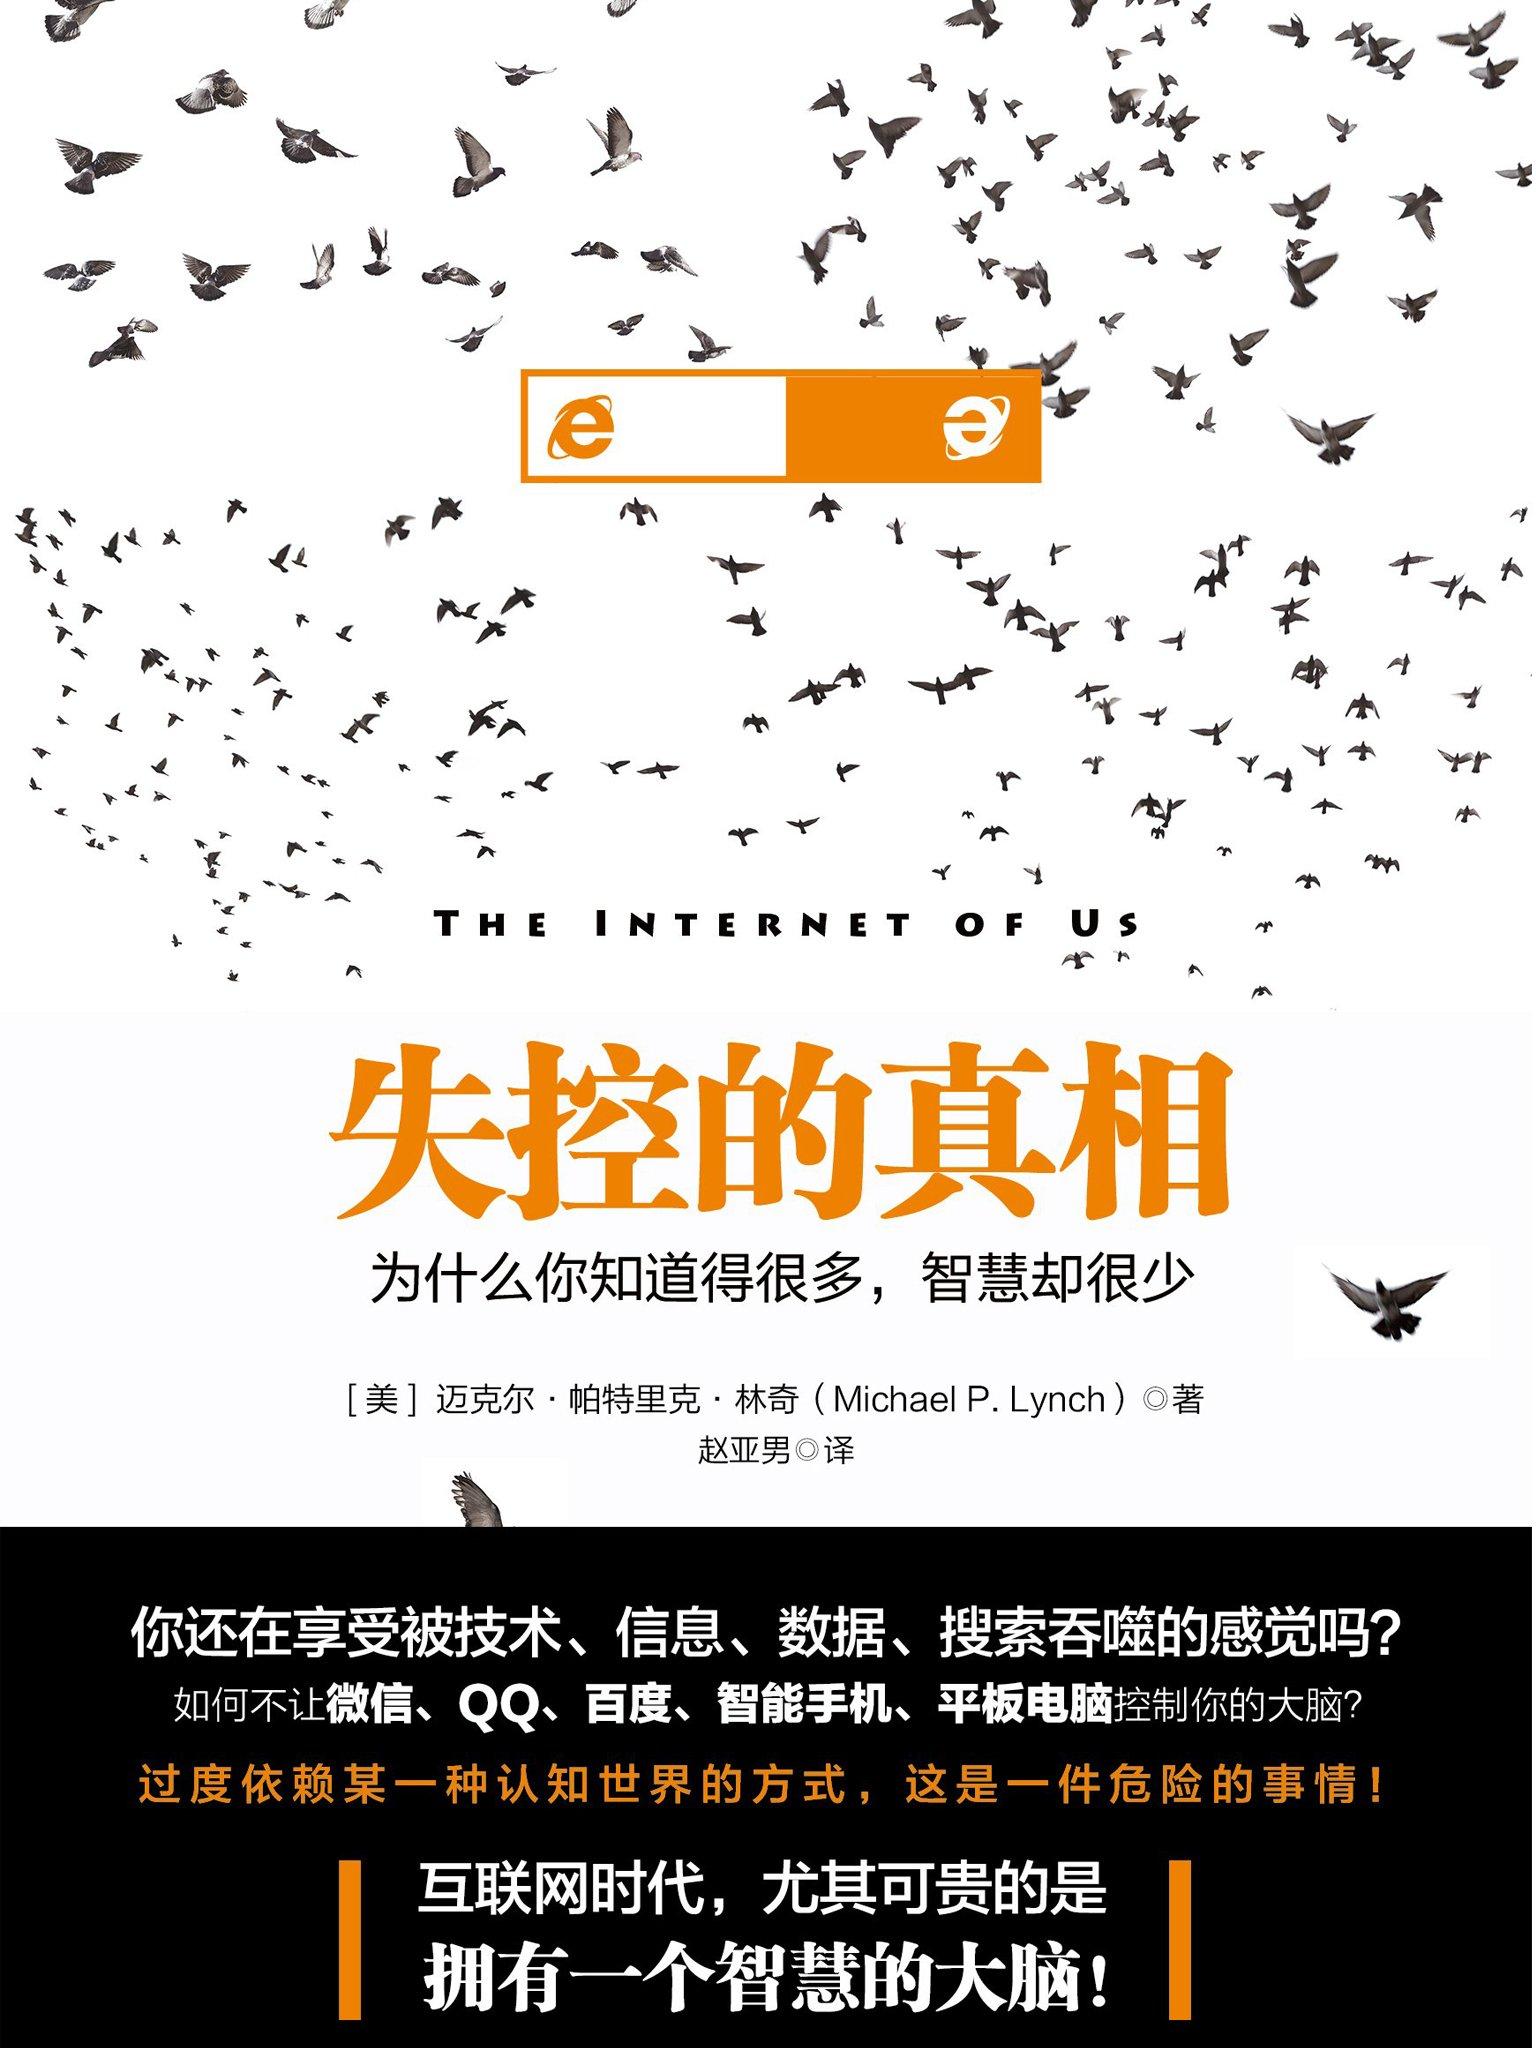 暴走真実(あなたはまだ、技術、情報、データに飲み込まれている感を楽しむことを検索?どのように)あなたの脳を制御するマイクロ手紙、QQ、Baiduは、スマートフォン、タブレットPCを防ぐために